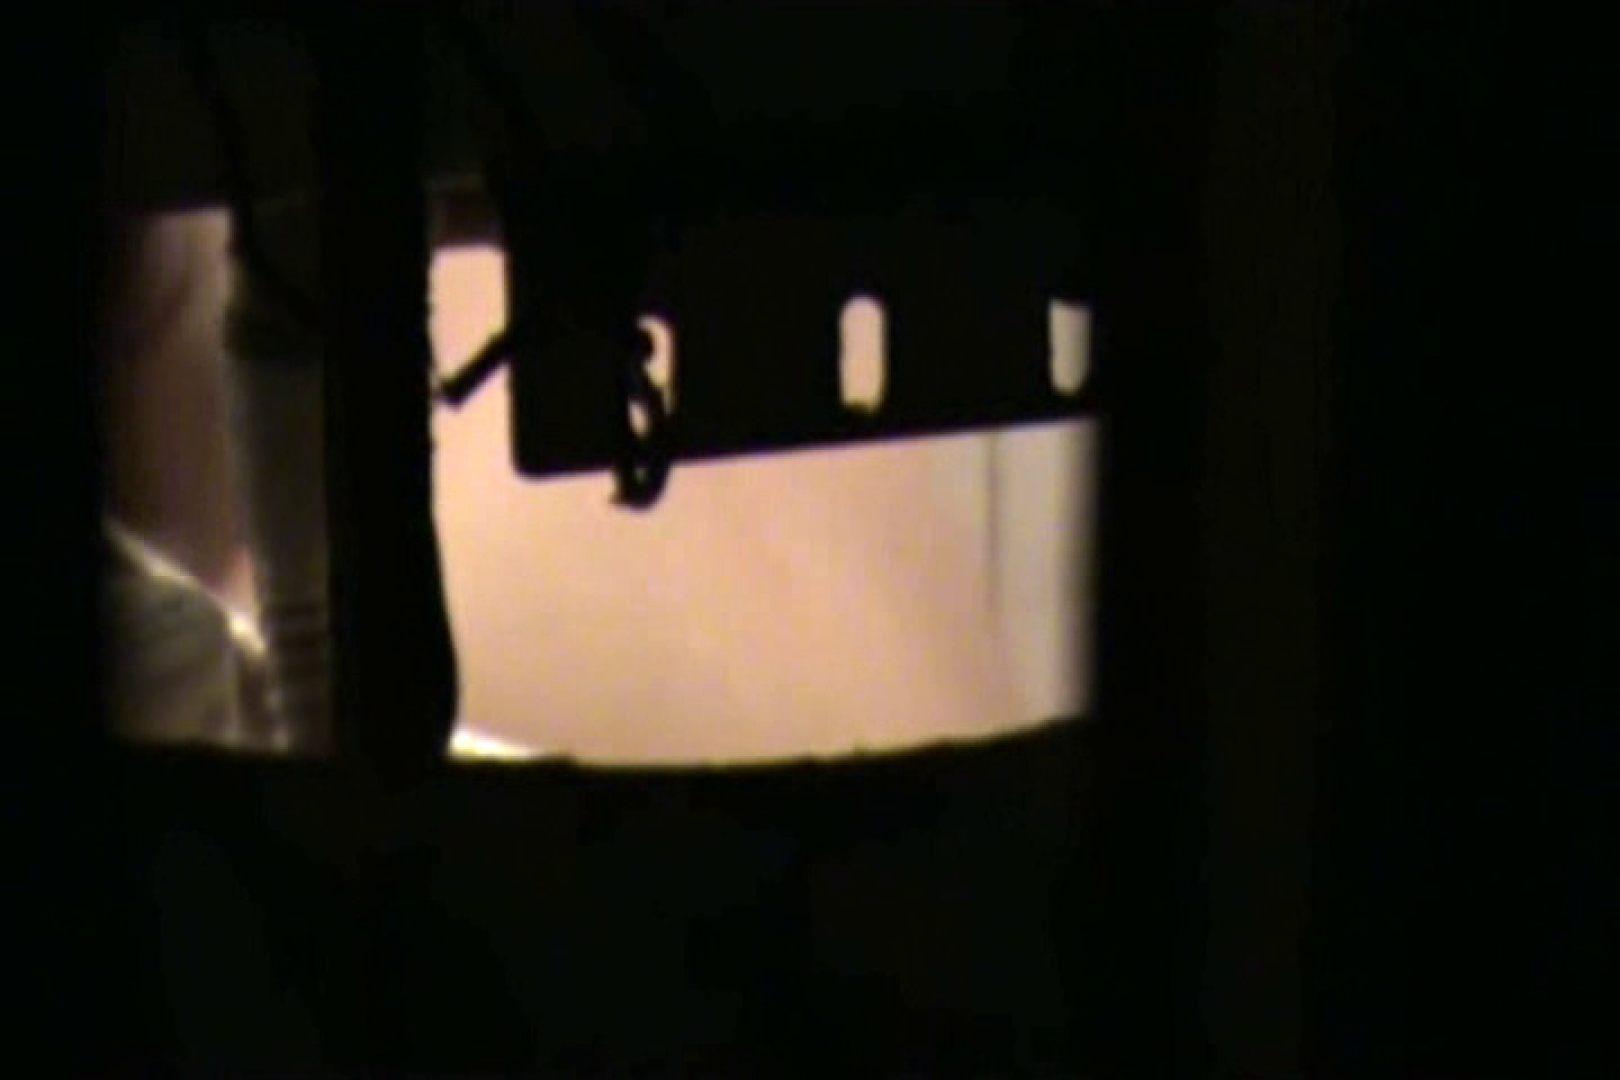 ぼっとん洗面所スペシャルVol.3 洗面所  106枚 13